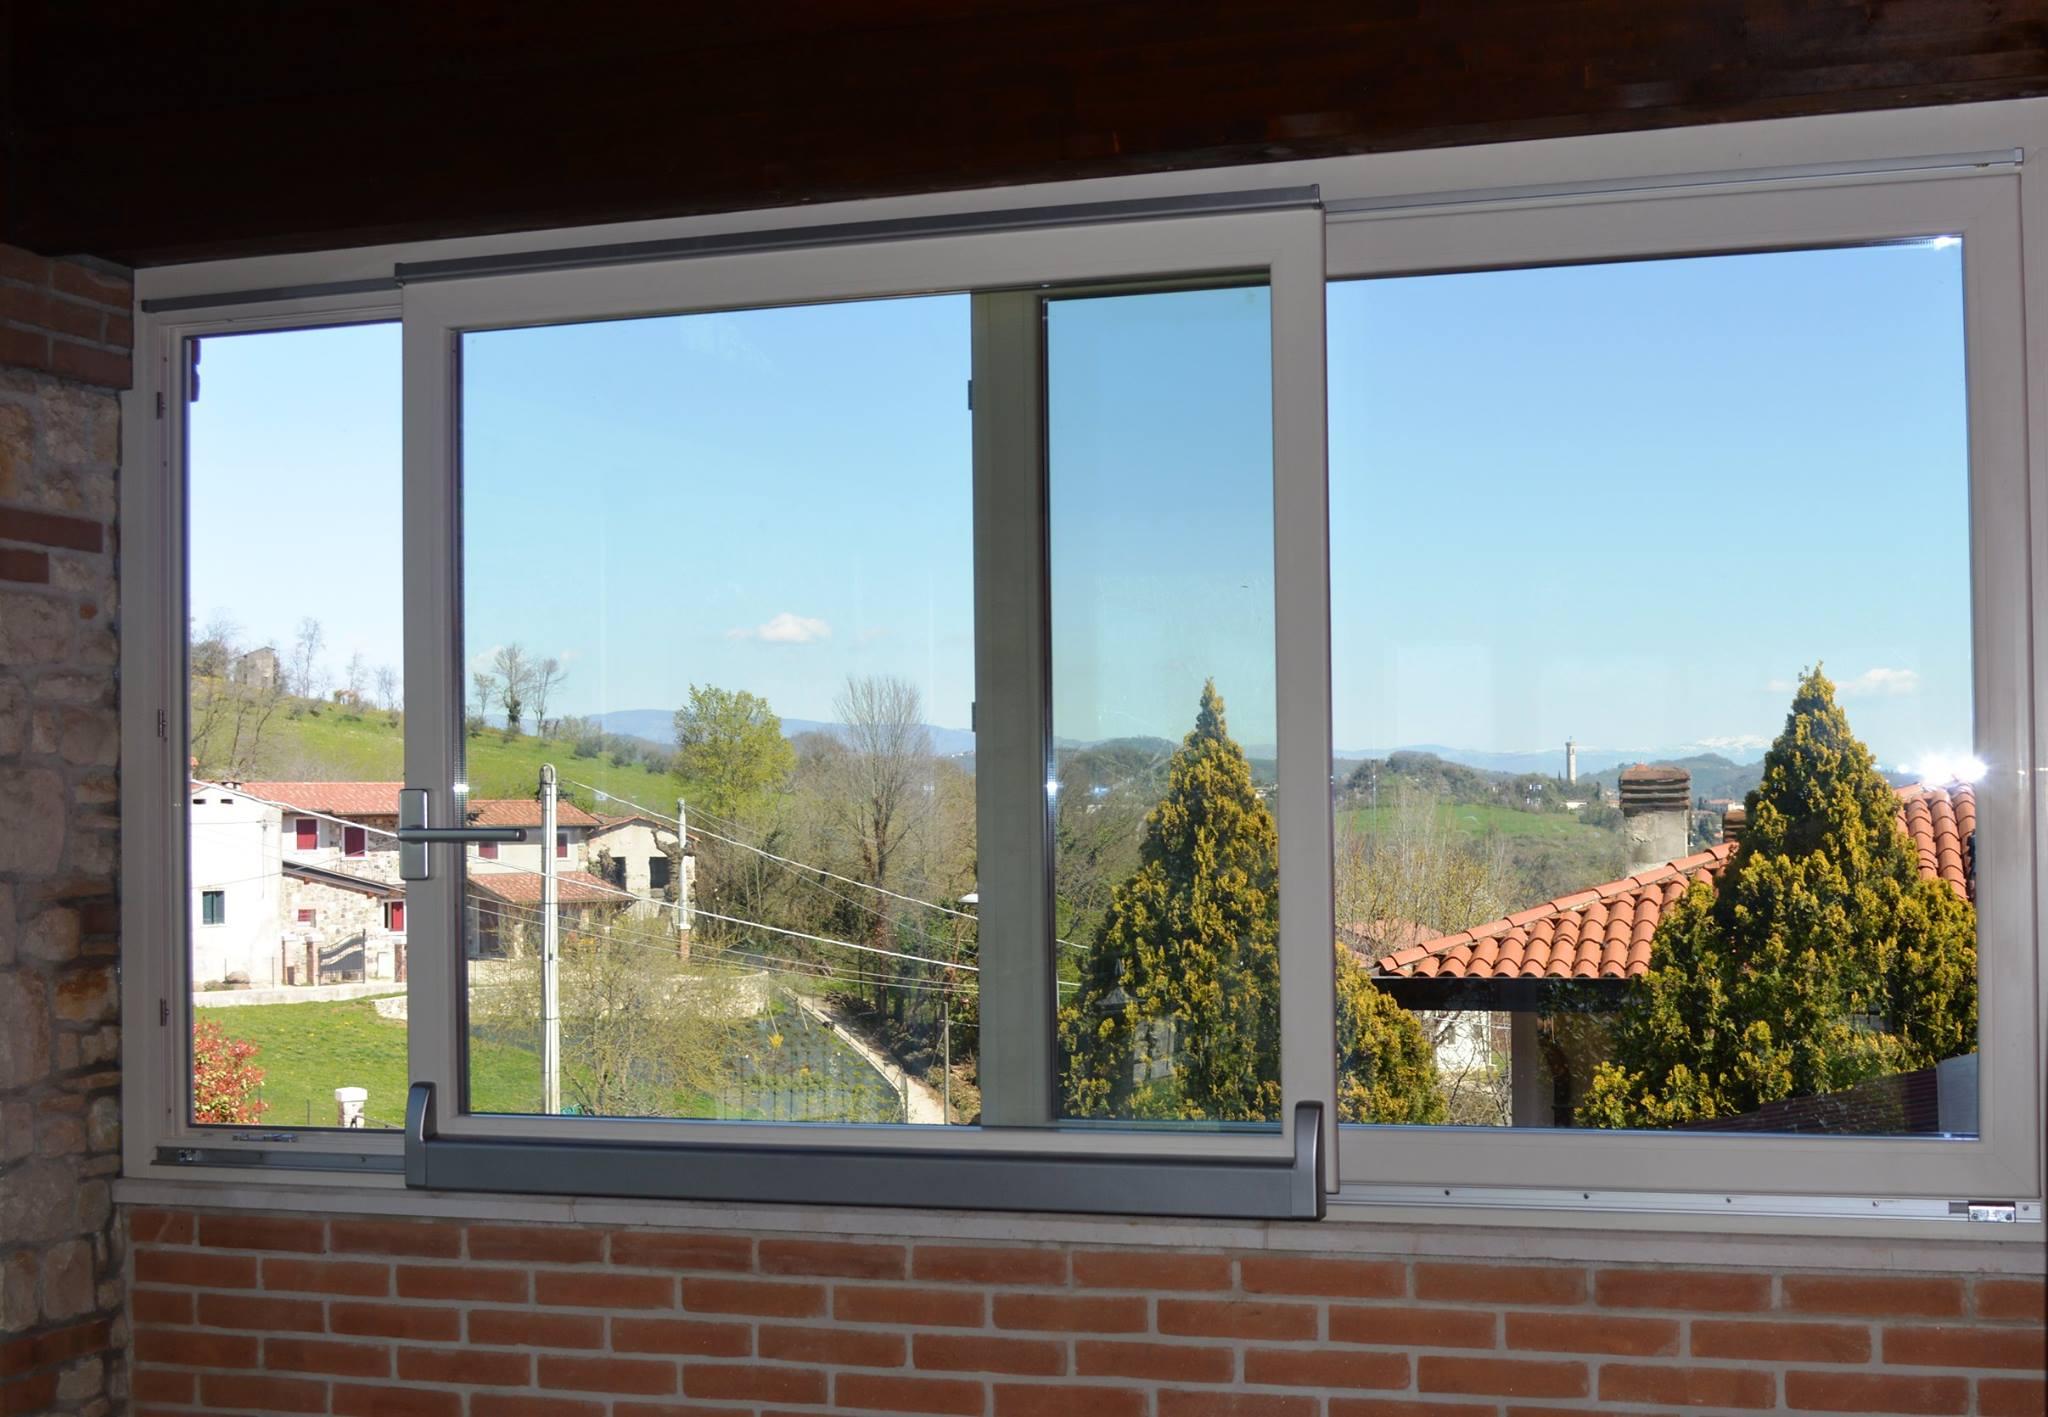 Mondial plast infissi porte e finestre scorrevoli parallelo - Altezza parapetto finestra ...